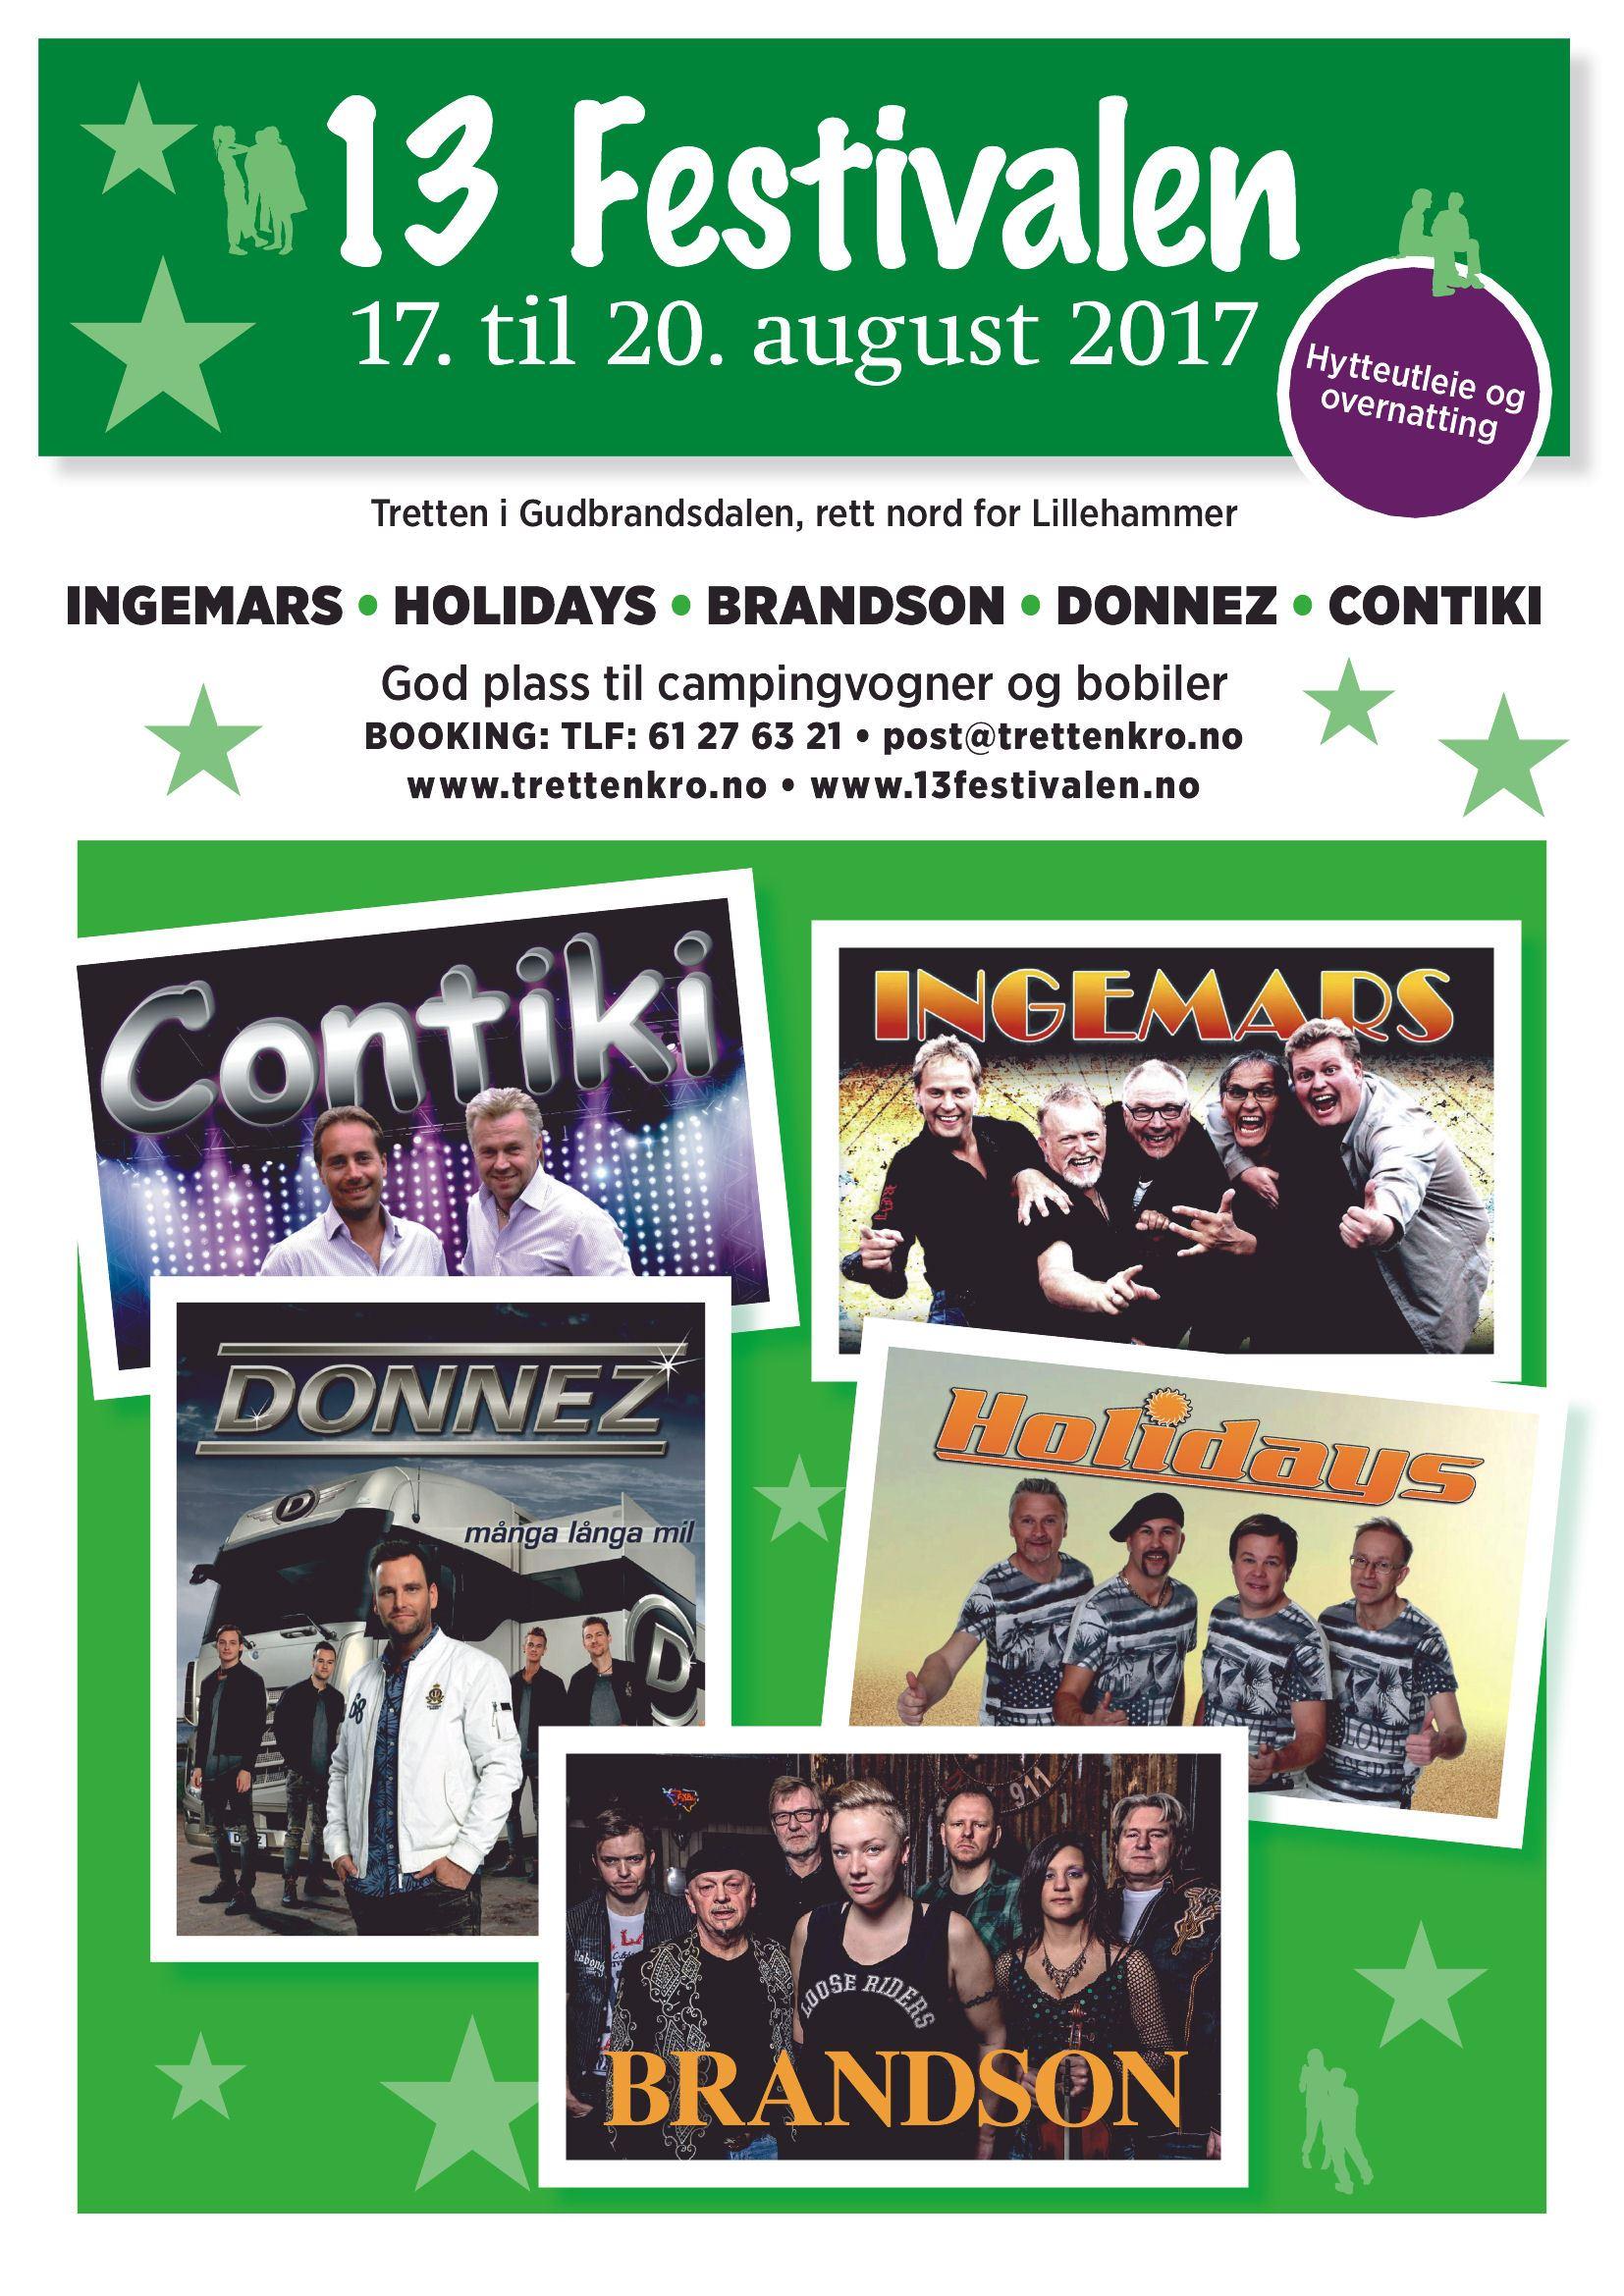 13 festivalen